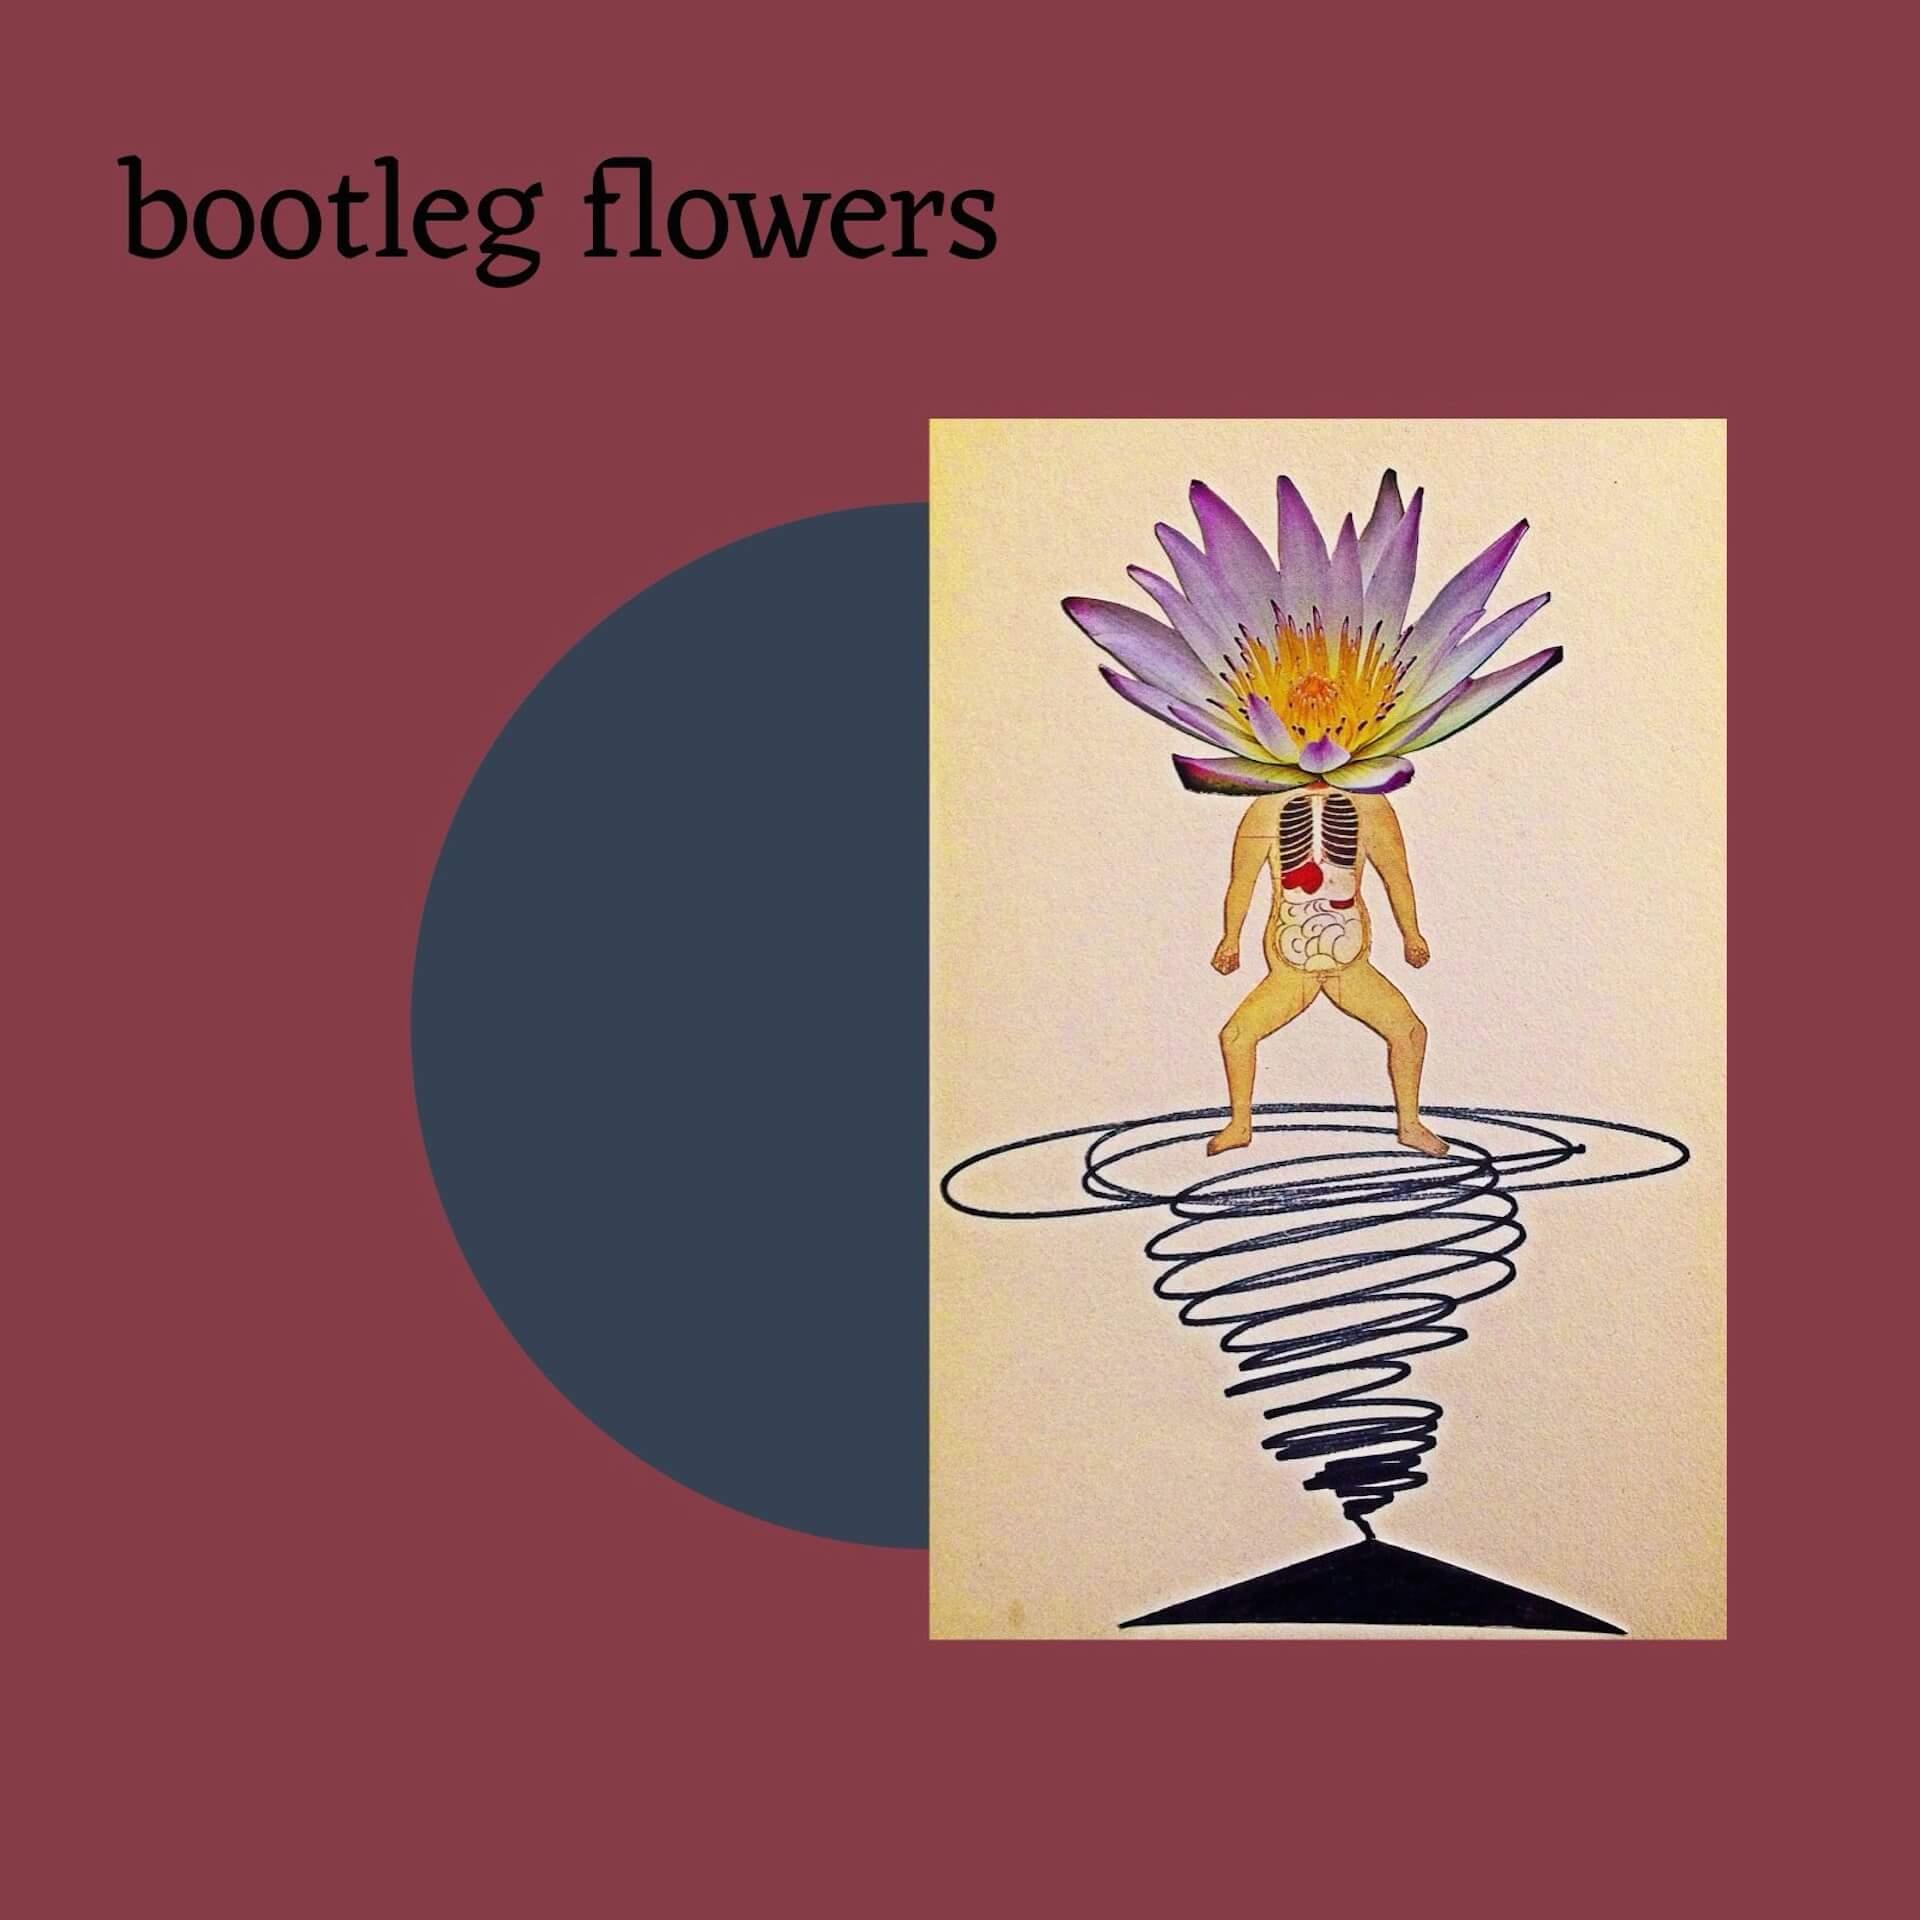 ビート・シーンを牽引するAru-2がリミックスアルバム『Bootleg Flowers』をリリース デジタル配信の売り上げはCLUB、BAR、ライブハウス等のイベント会場に全額寄付 music200409-aru2-1